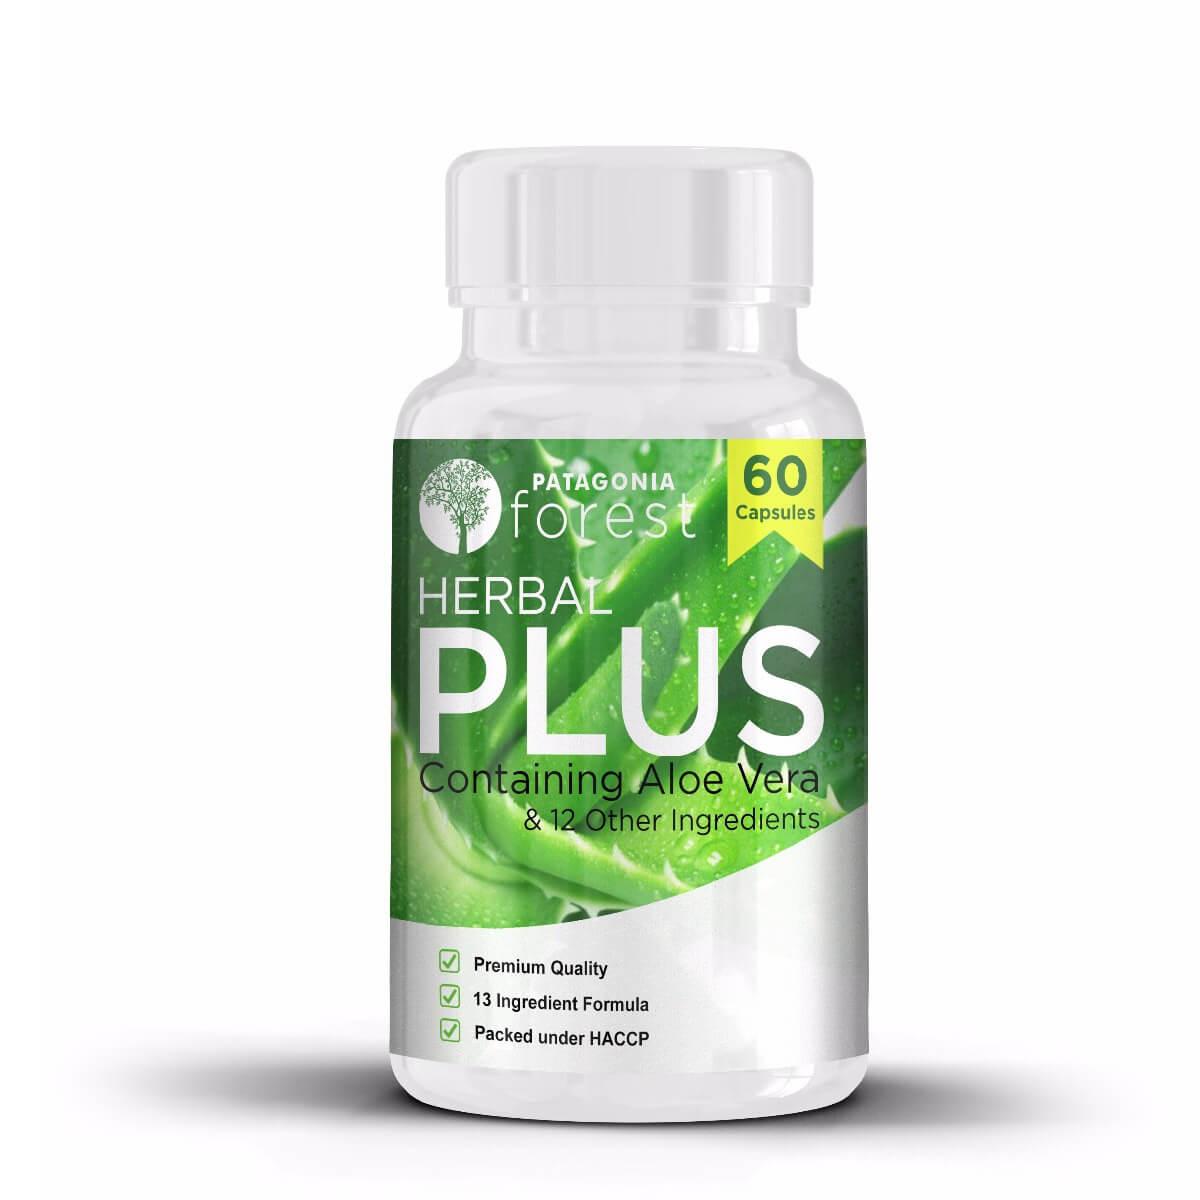 Patagonia Forest: Herbal Plus komplex s výťažkom z aloe vera (balenie 60 kapsúl)